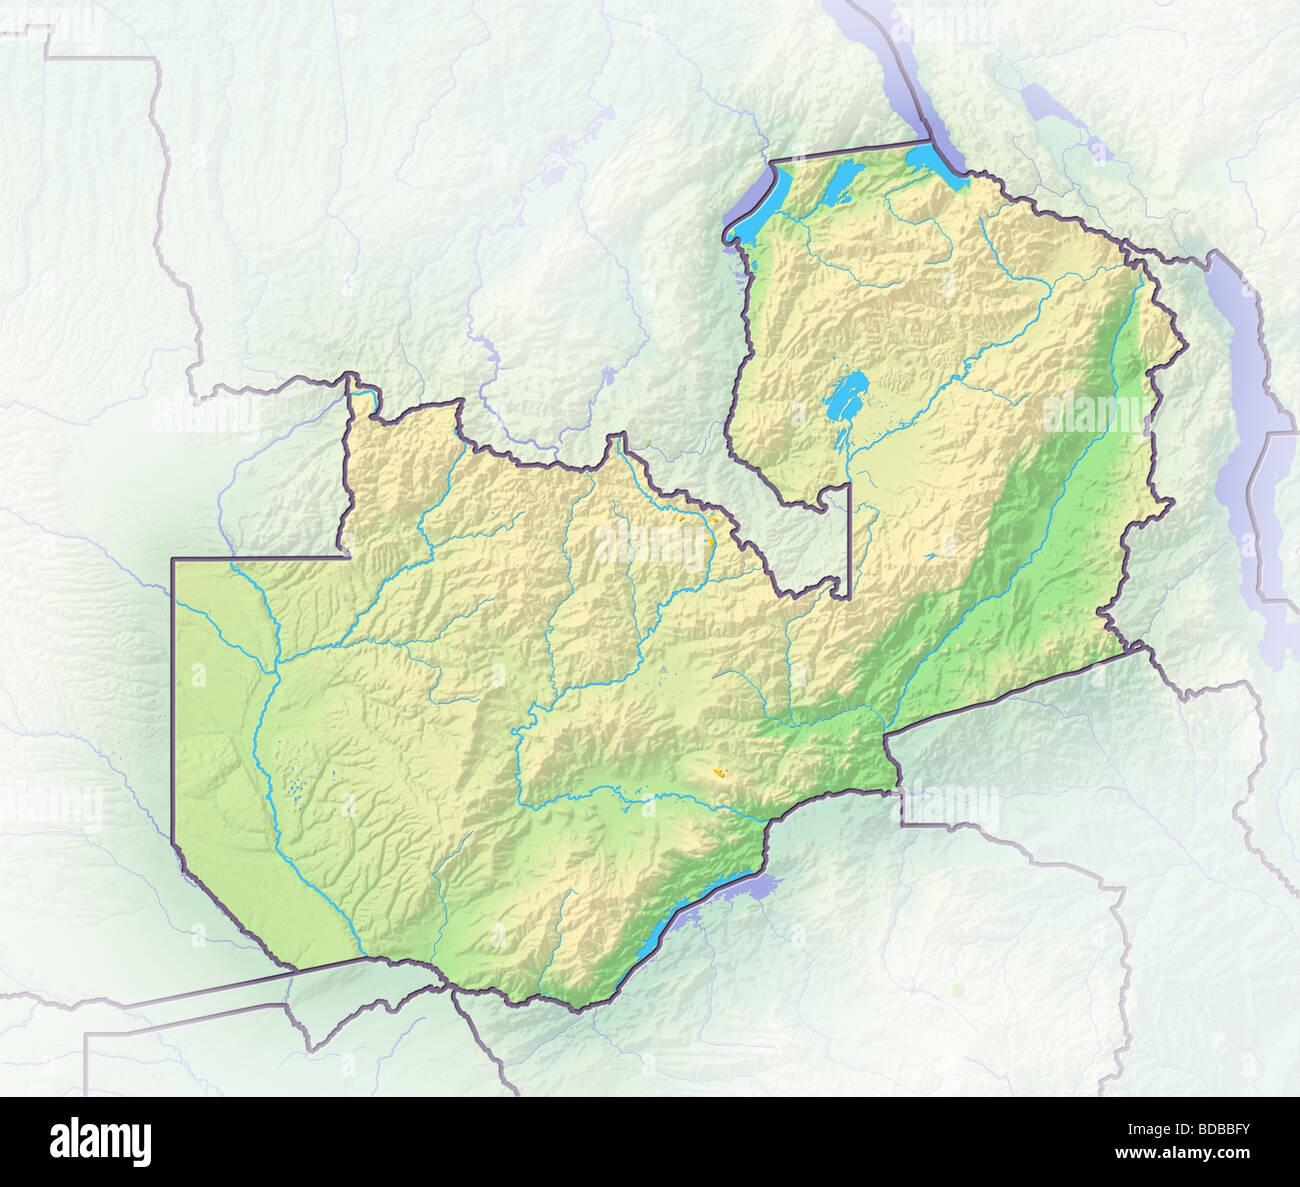 Map Zambia.Zambia Map Stock Photos Zambia Map Stock Images Alamy